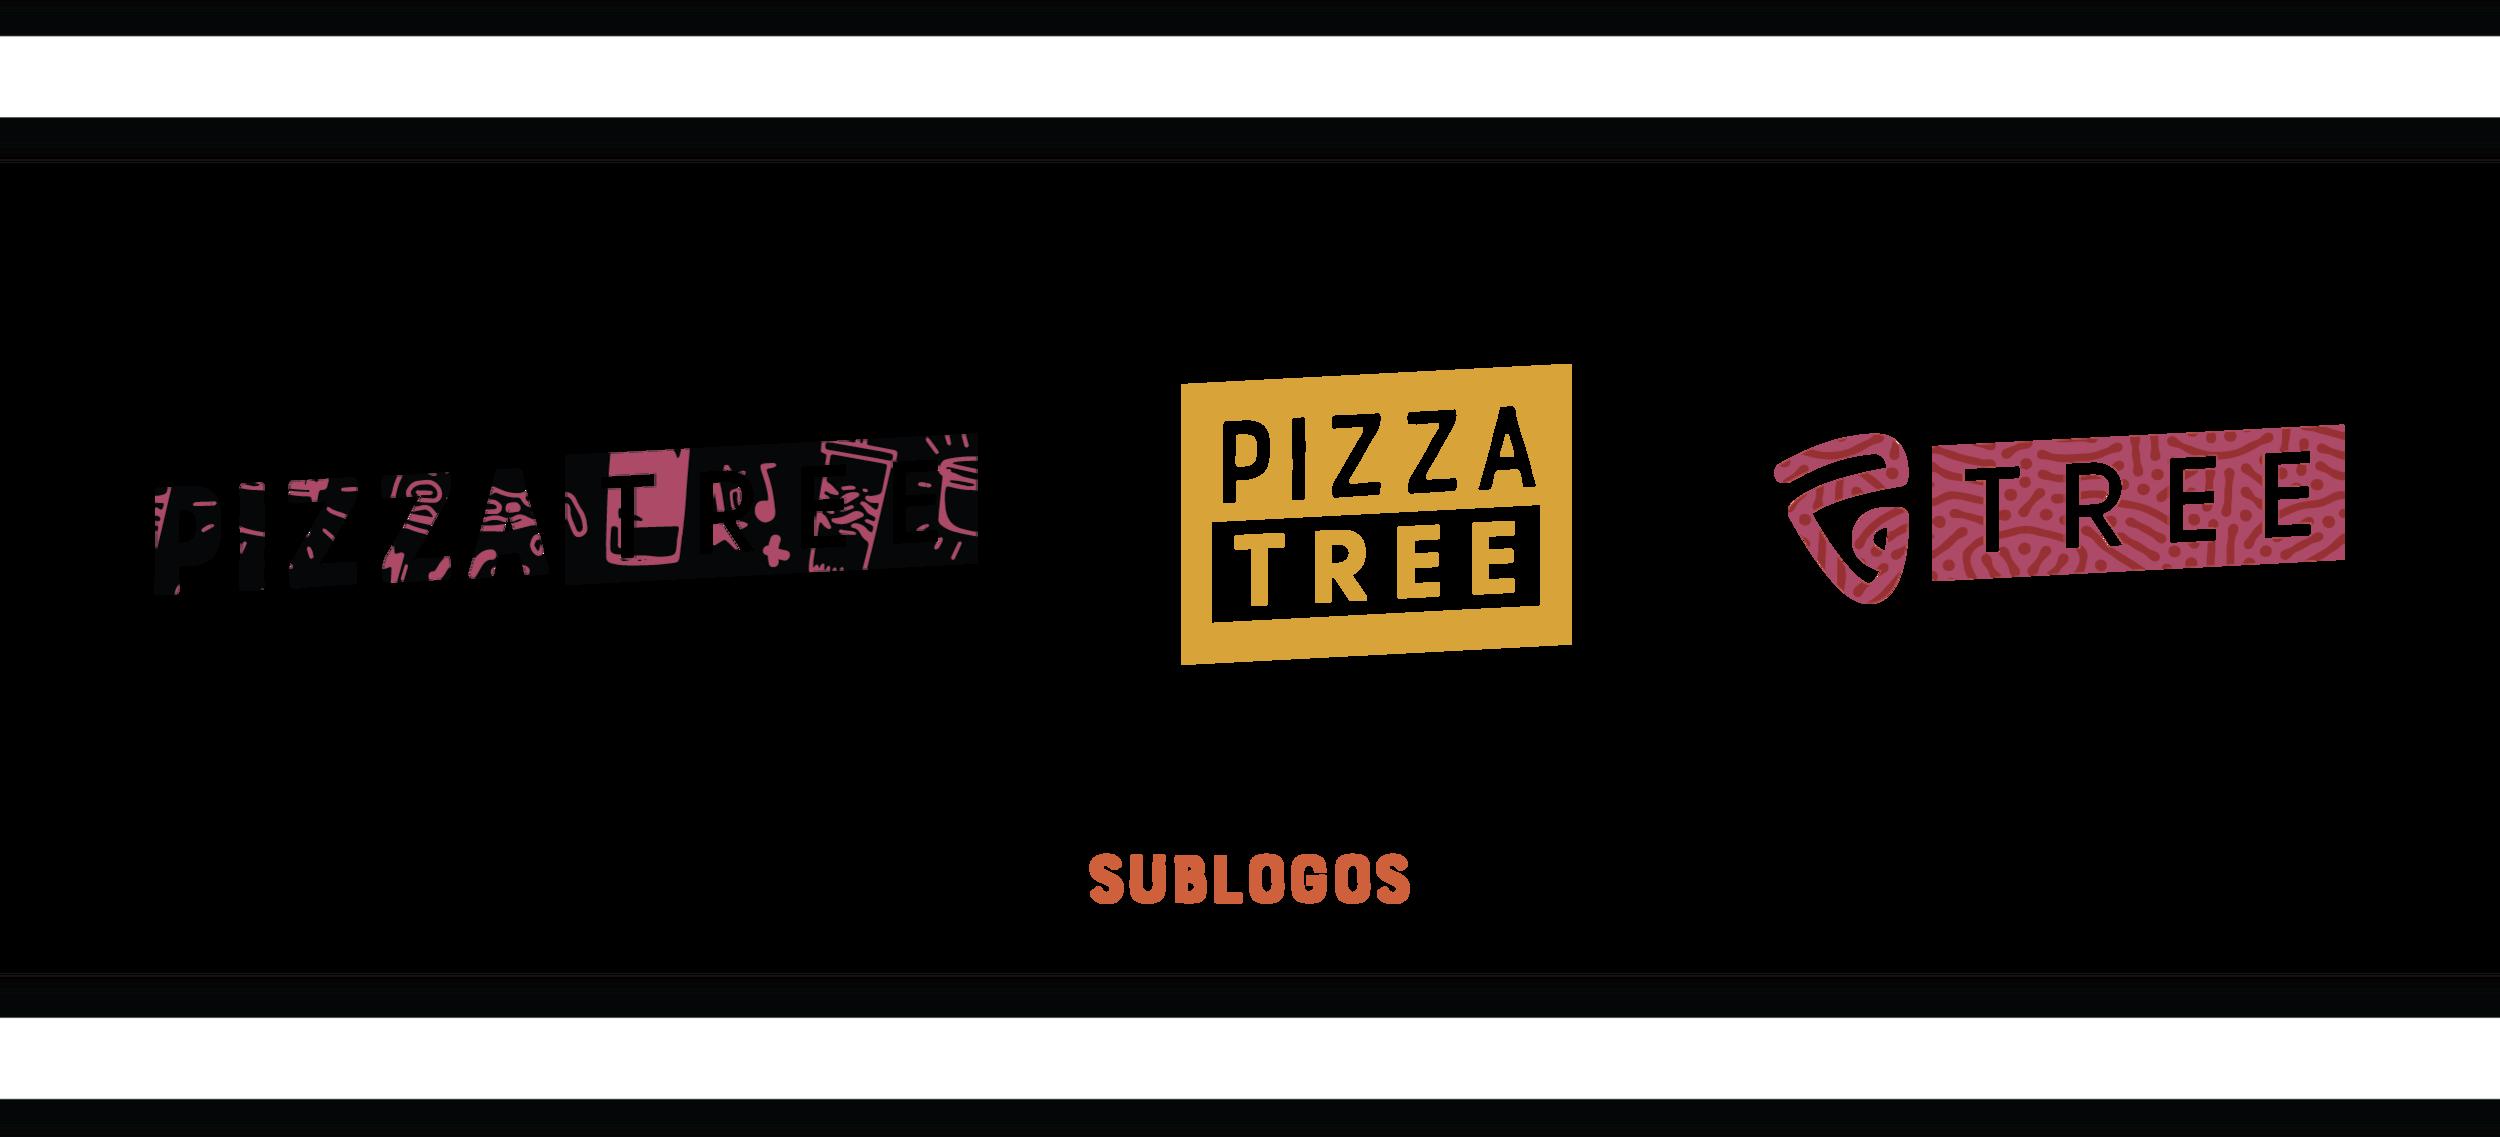 CaseStudyBrandBoard_PizzaTree_Sub Logos.png